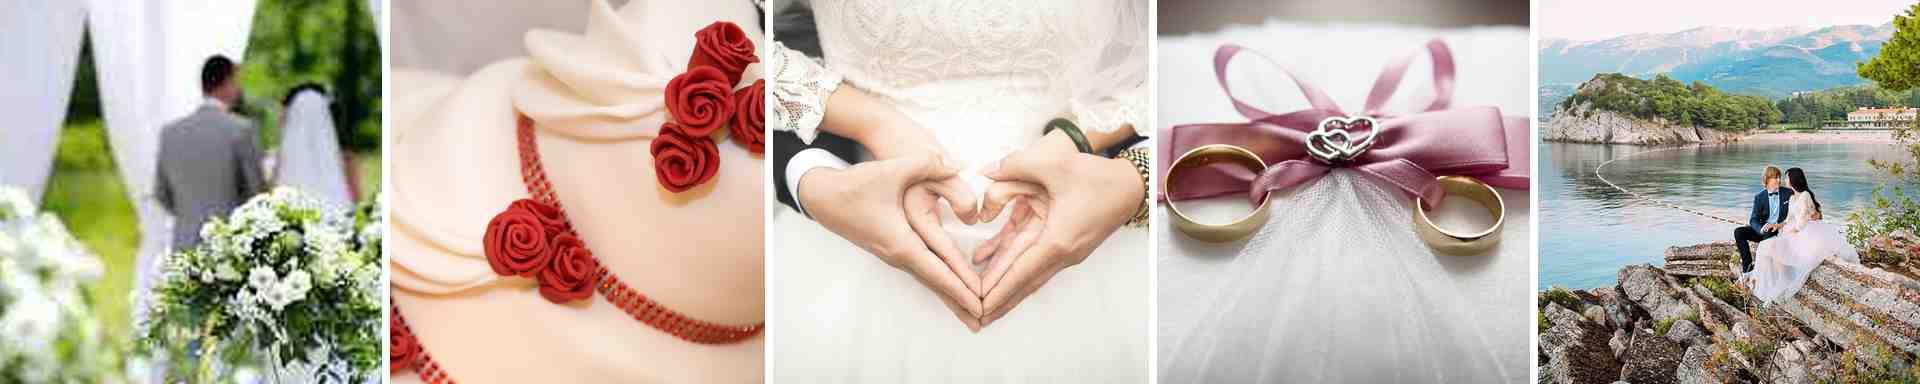 נישואים אזרחיים